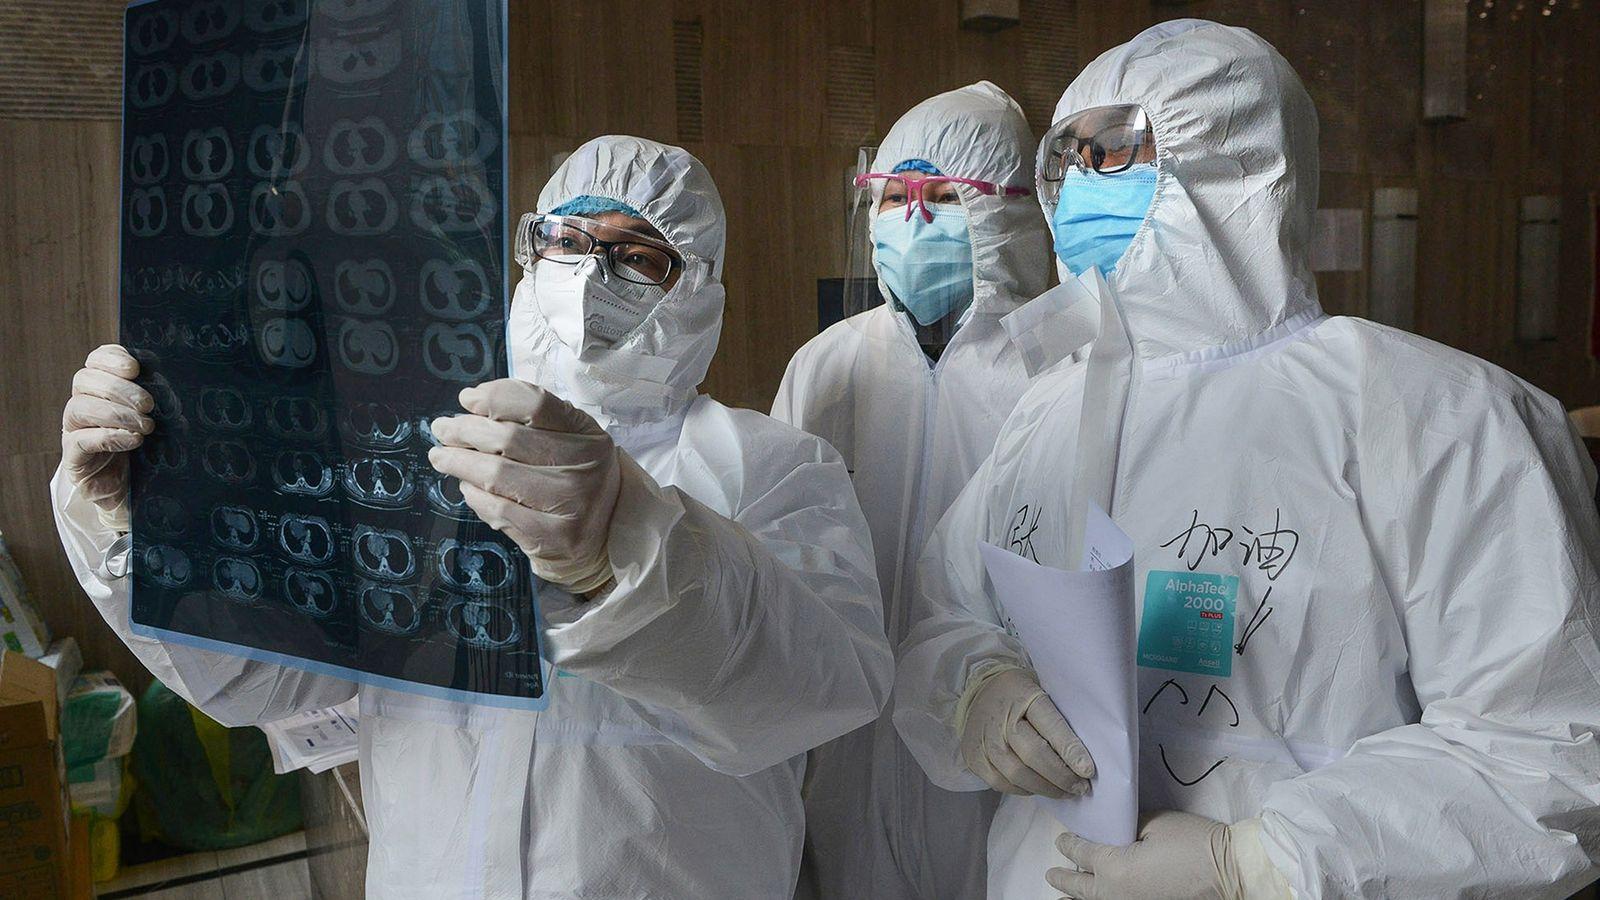 Al menos 3 millones de trabajadores de la salud en el mundo han tenido COVID-19, según un estudio